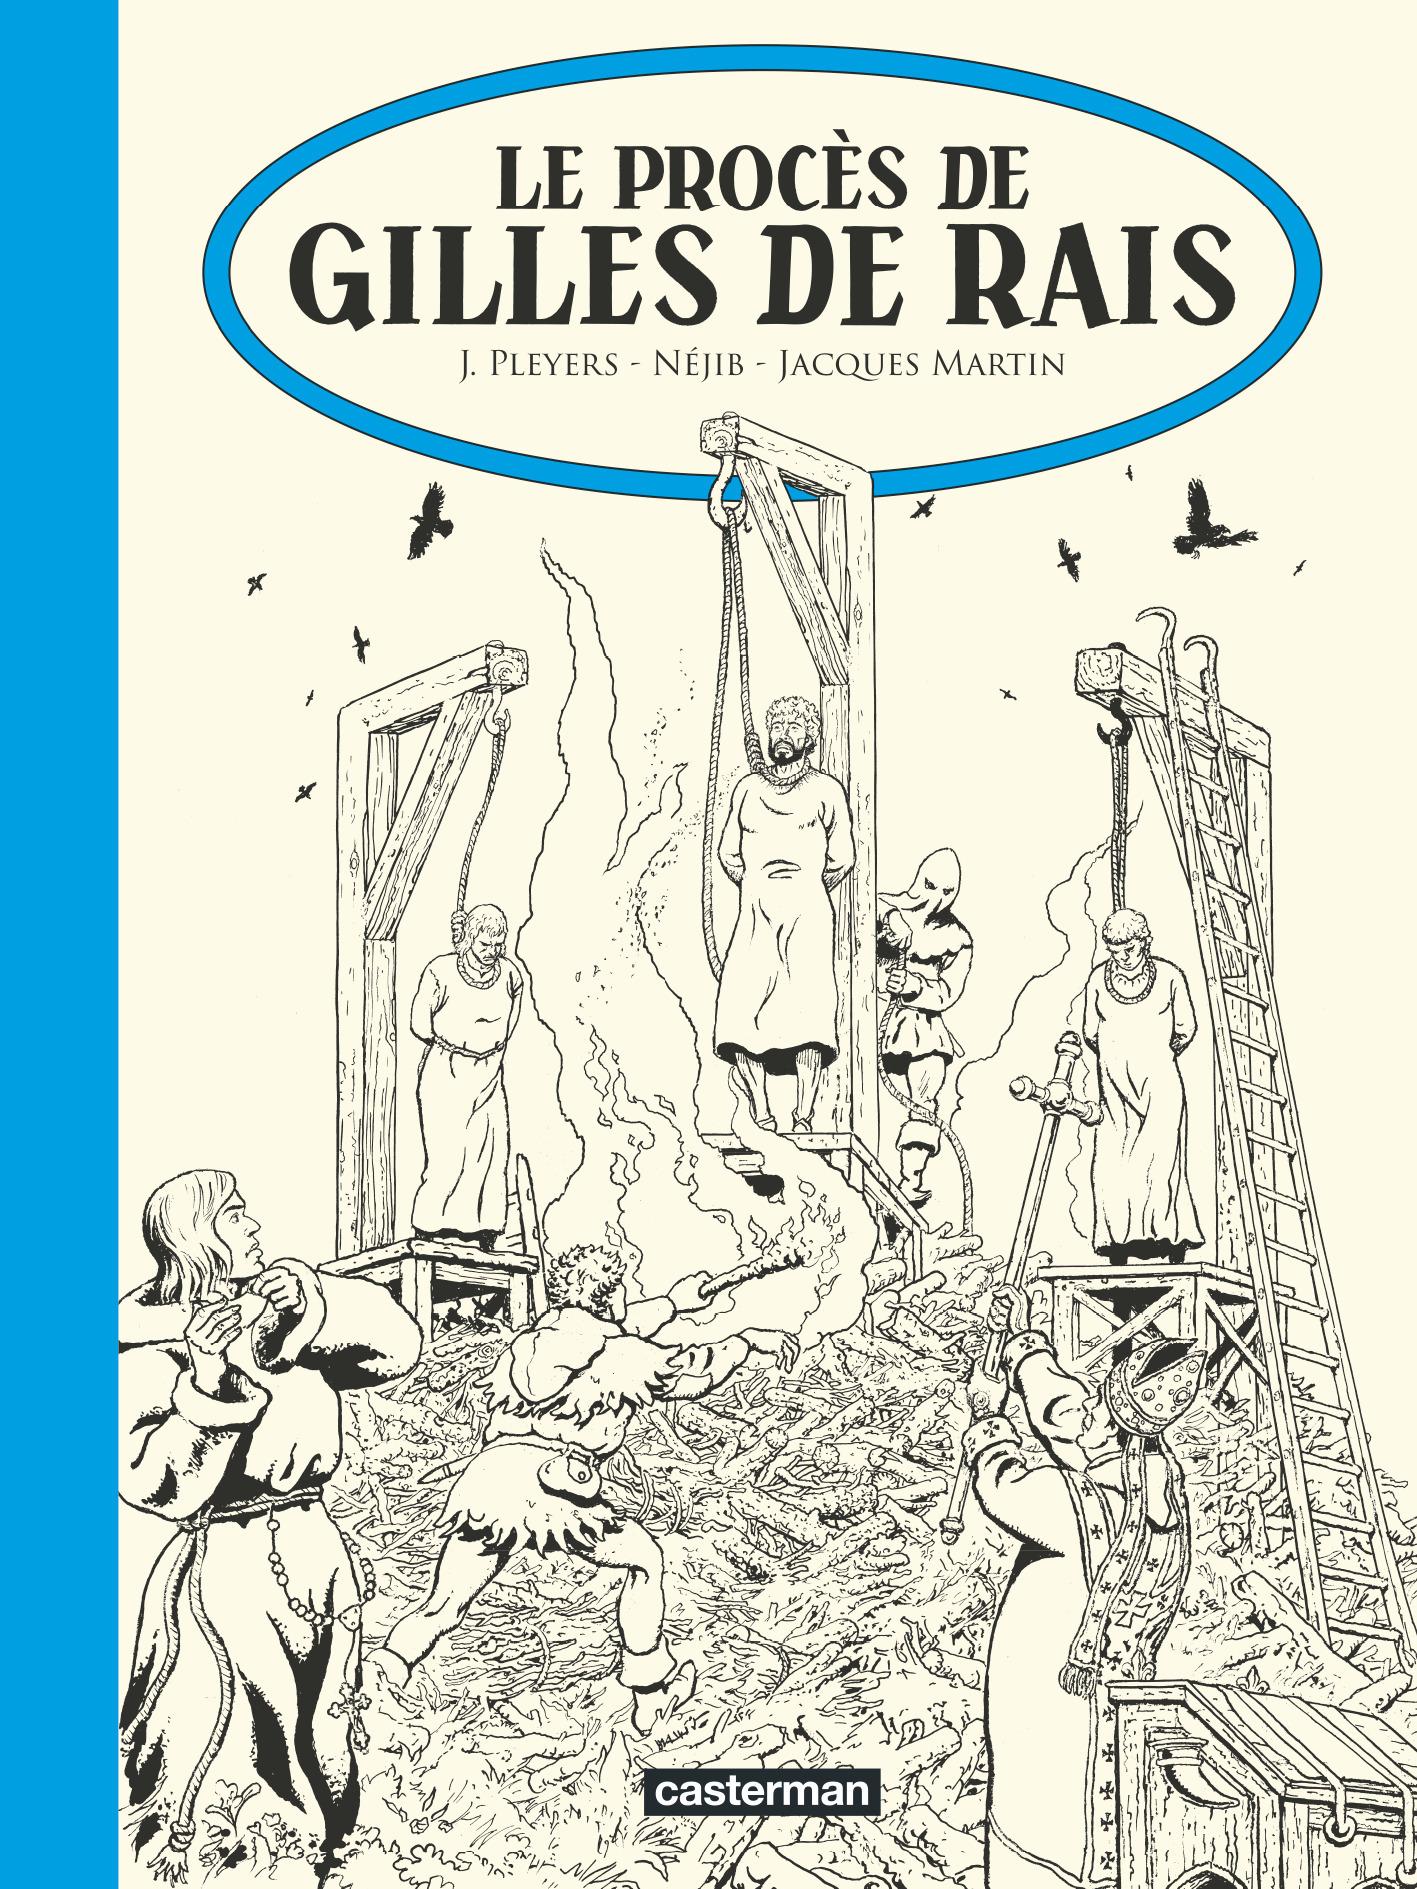 LES ALBUMS DE JHEN - T17 - LE PROCES DE GILLES DE RAIS - EDITION N&B